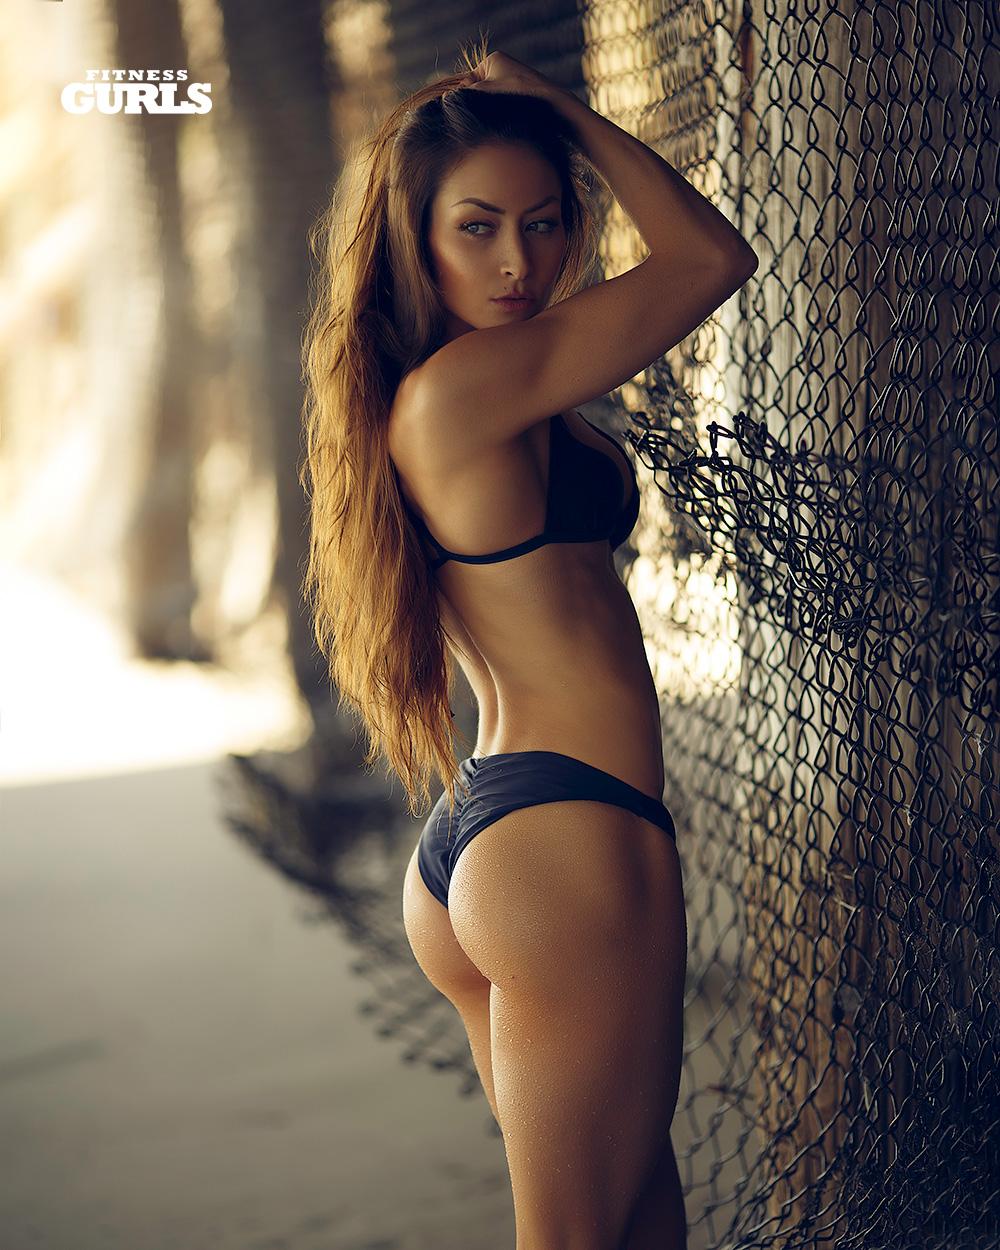 Hot Stephanie Marie naked (38 photos), Ass, Paparazzi, Selfie, butt 2019